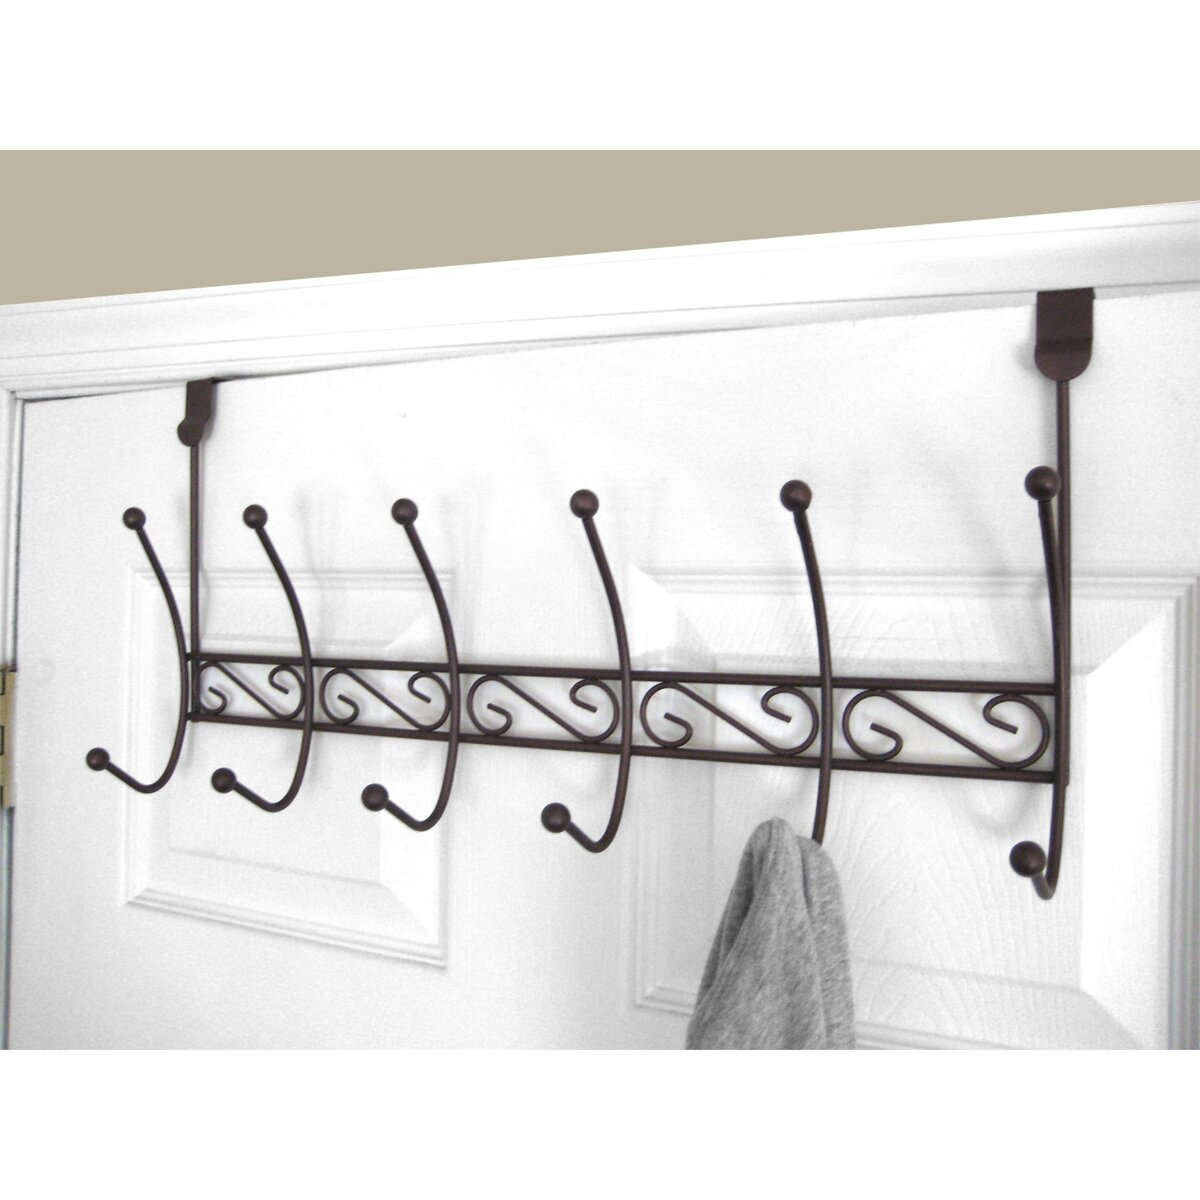 Home basics 6 hook over the door coat rack reviews wayfair for 12 hook over the door coat rack